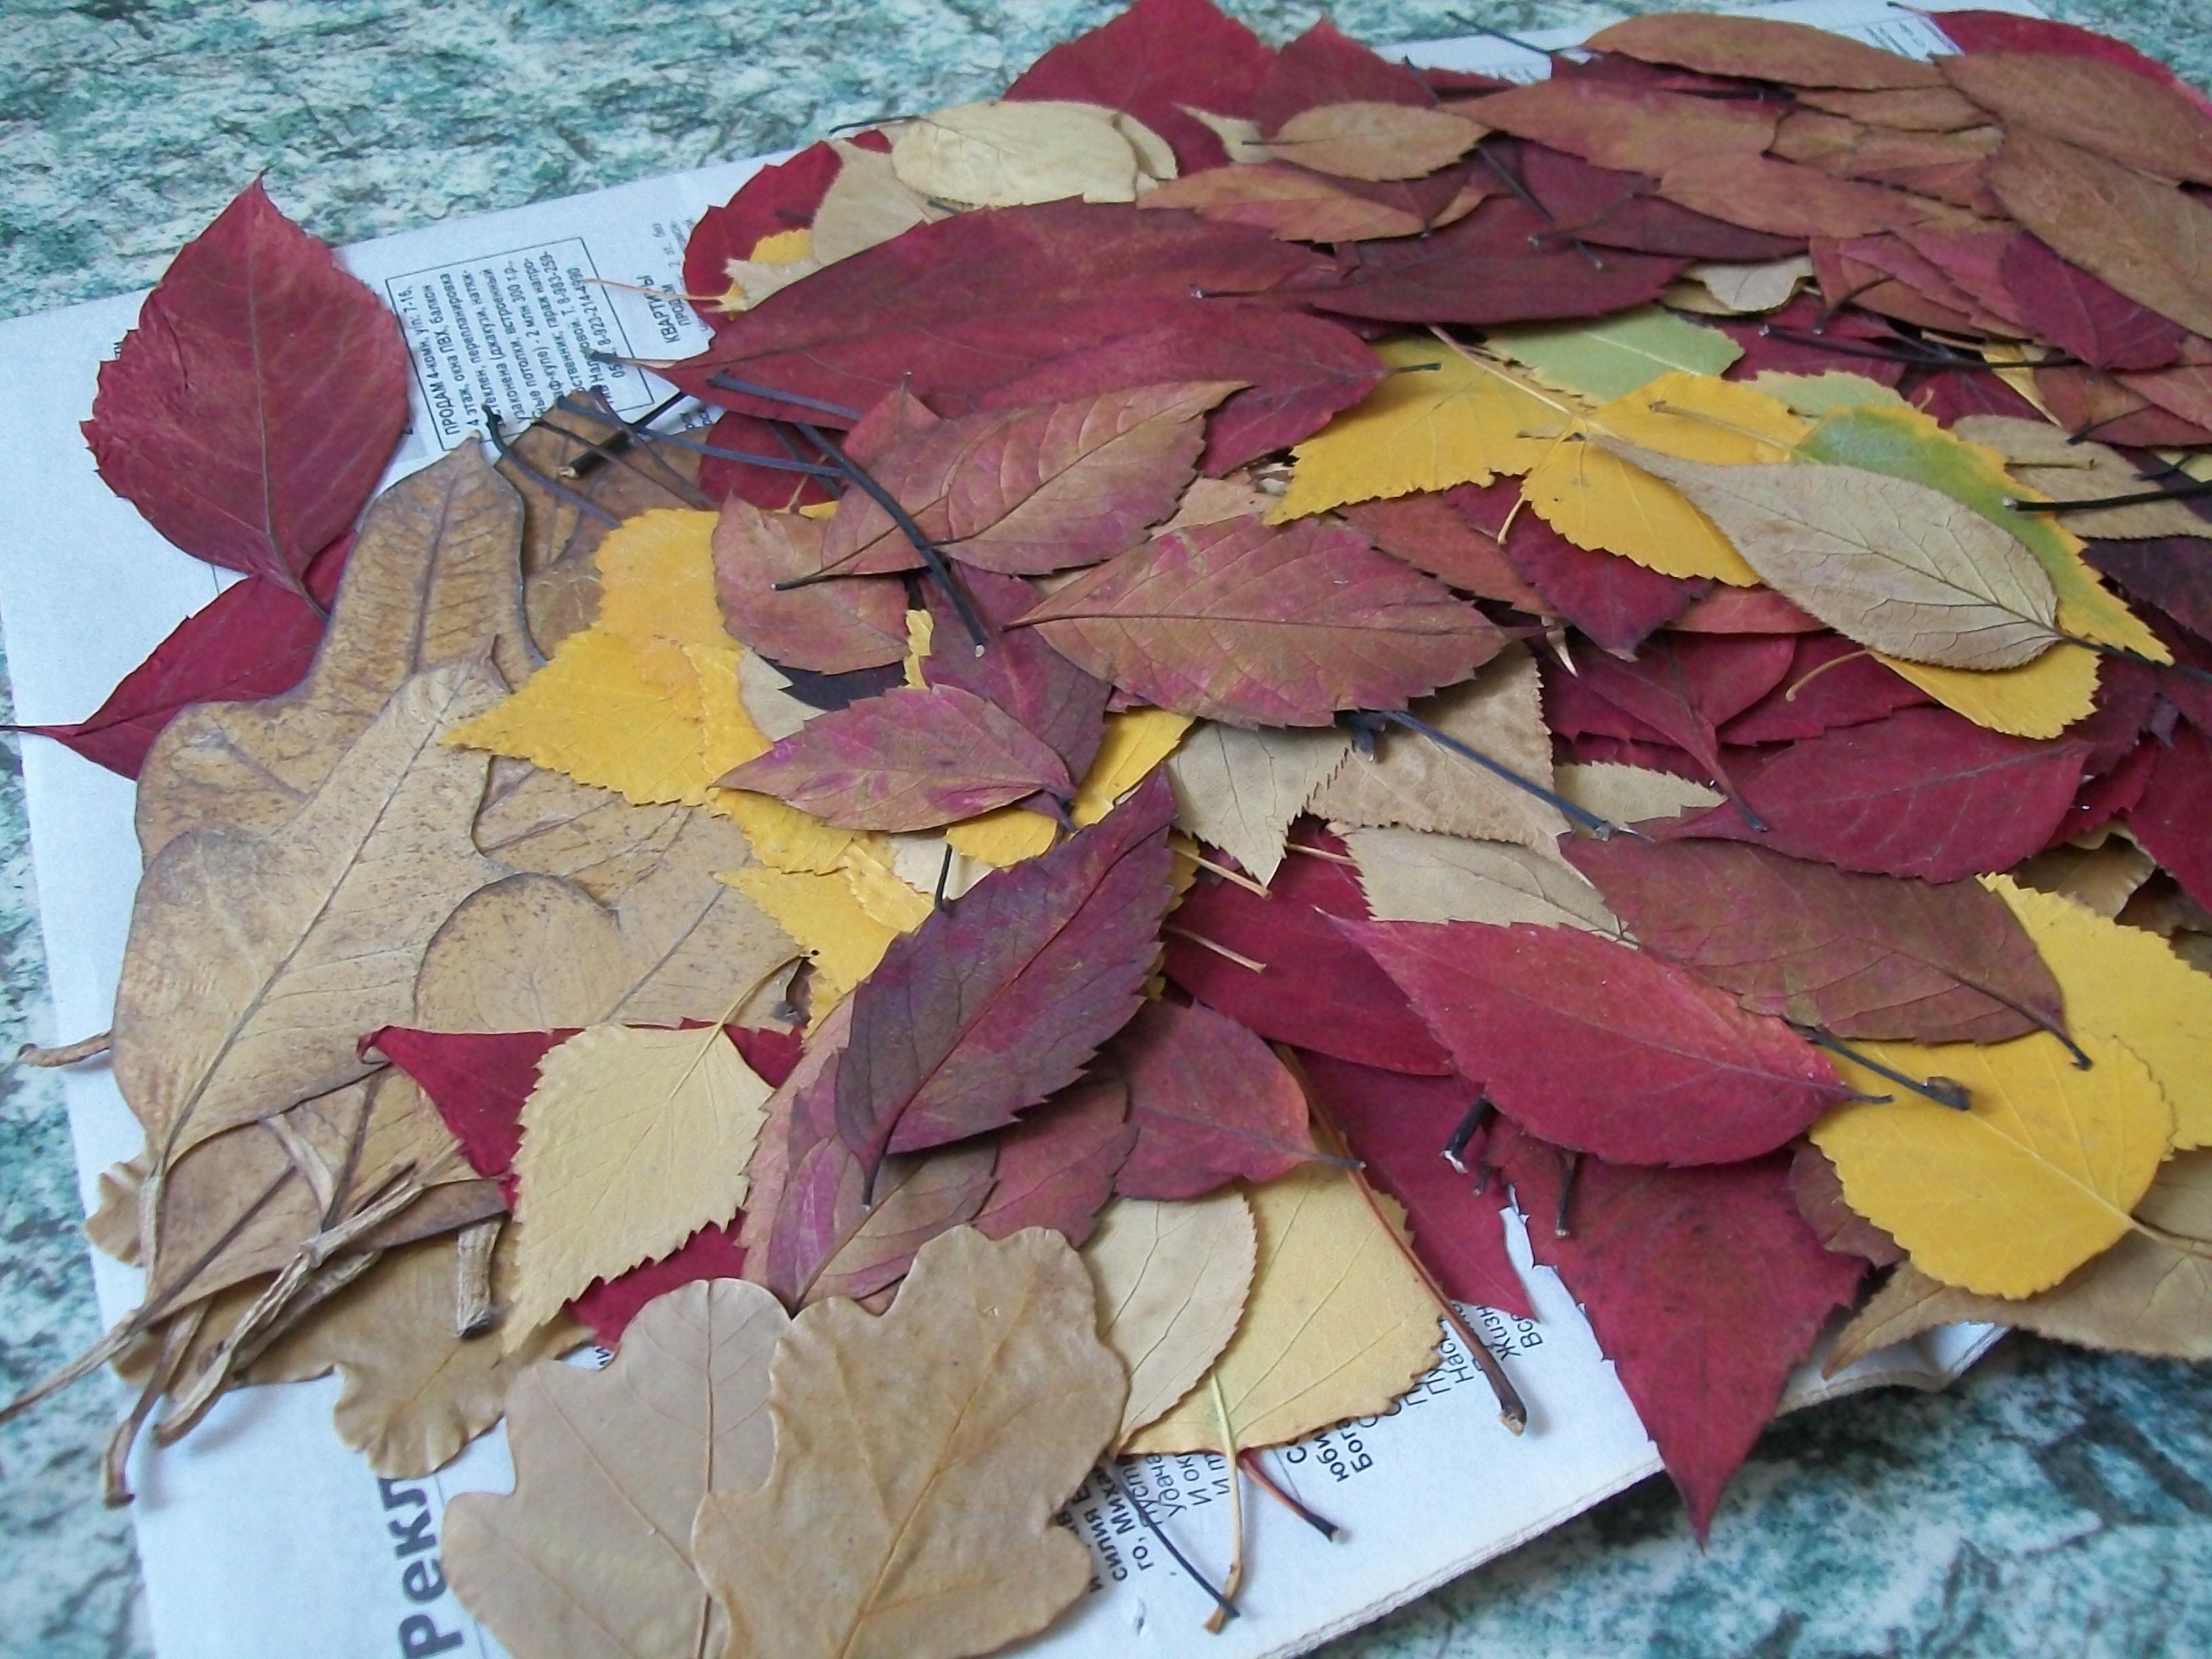 фото гербария из осенних листьев